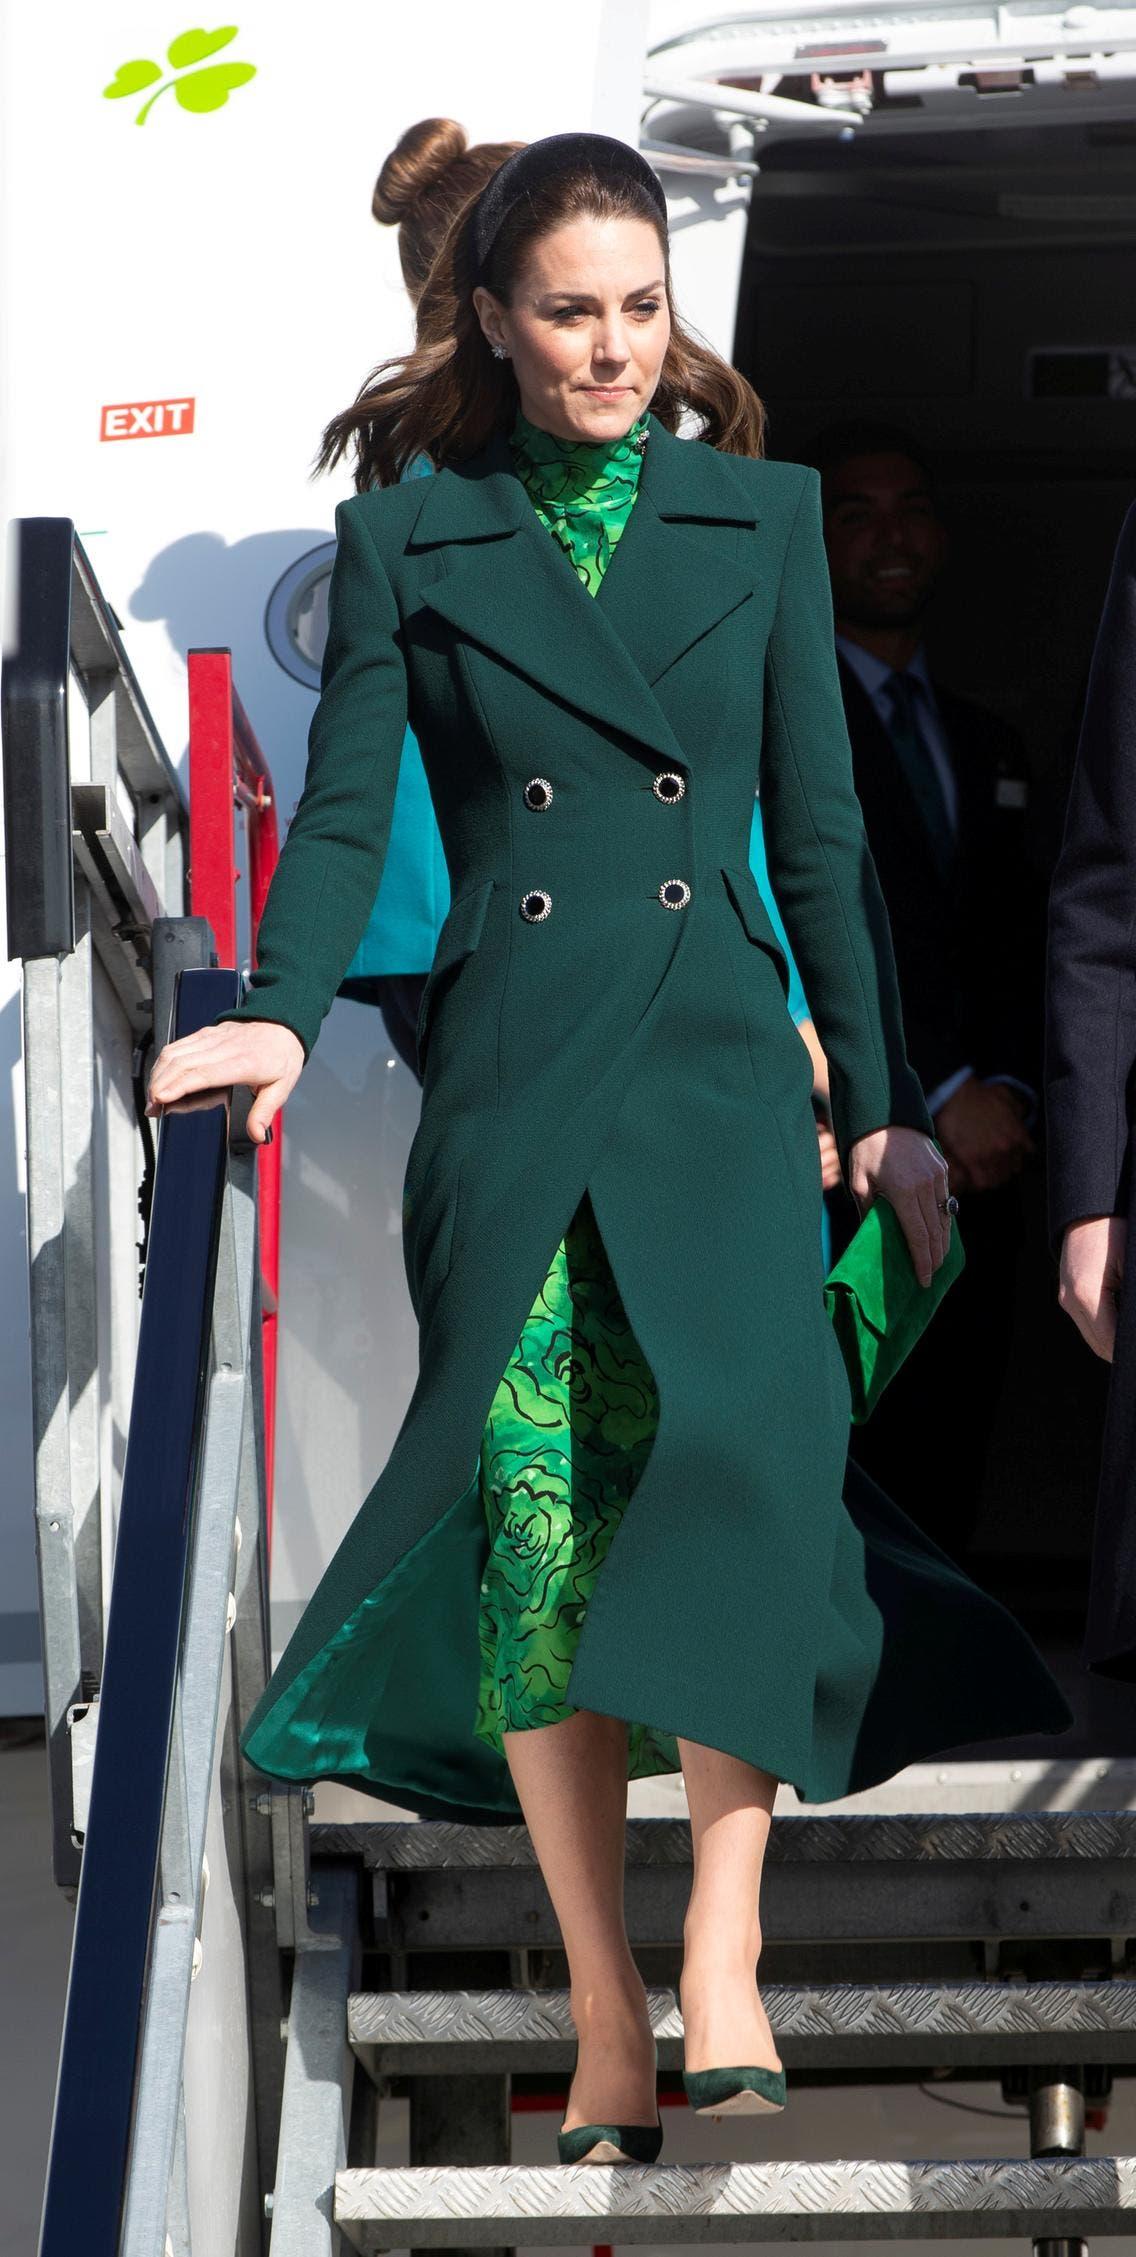 كايت بمعطف من مصممتها المفضلة كاترين والكر